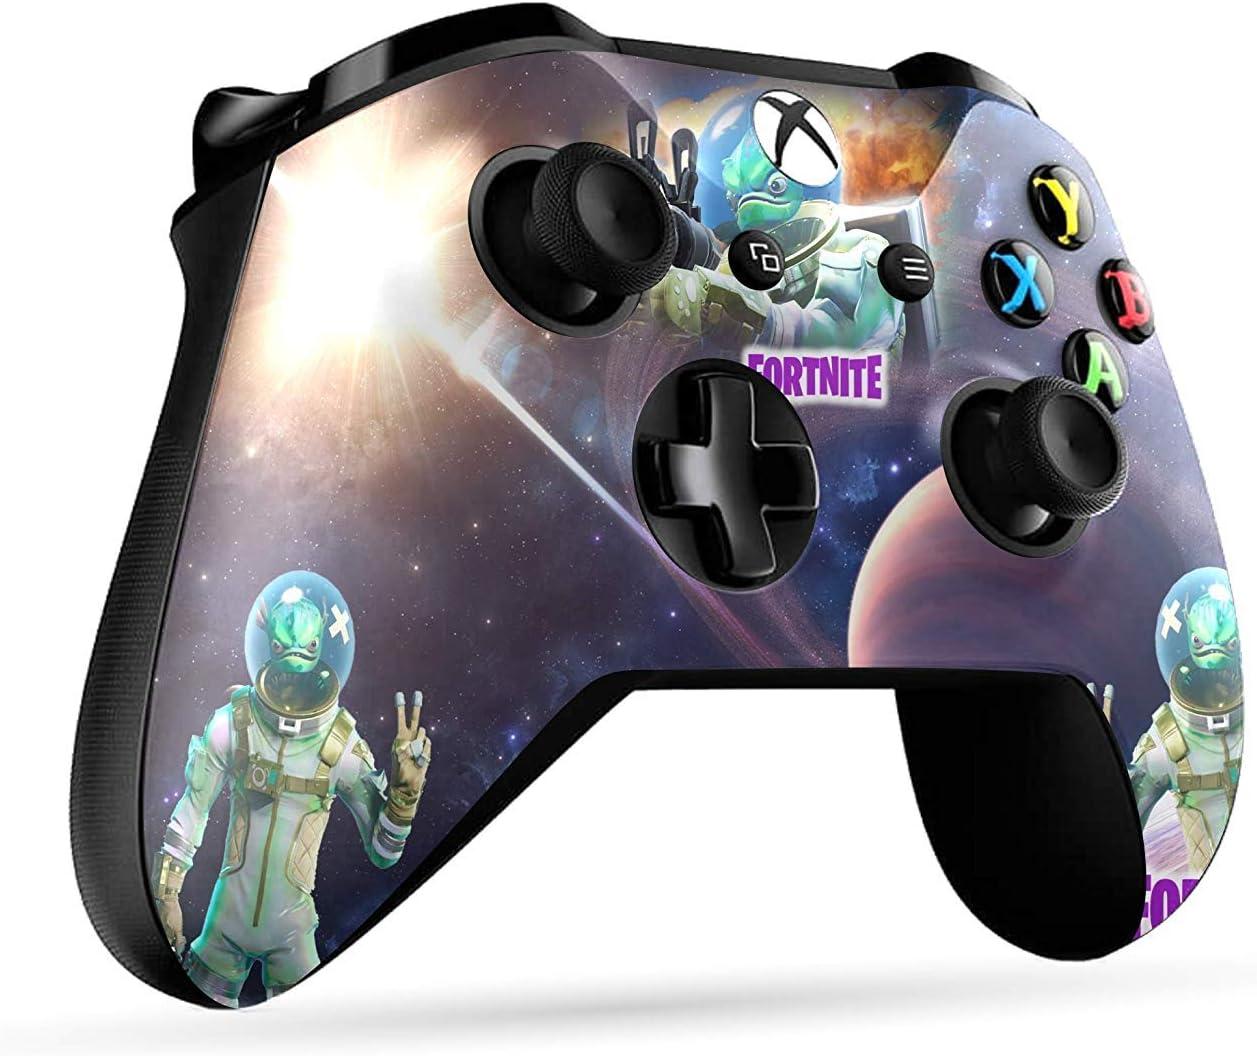 Amazon.com: DreamController - Controlador Xbox One ...